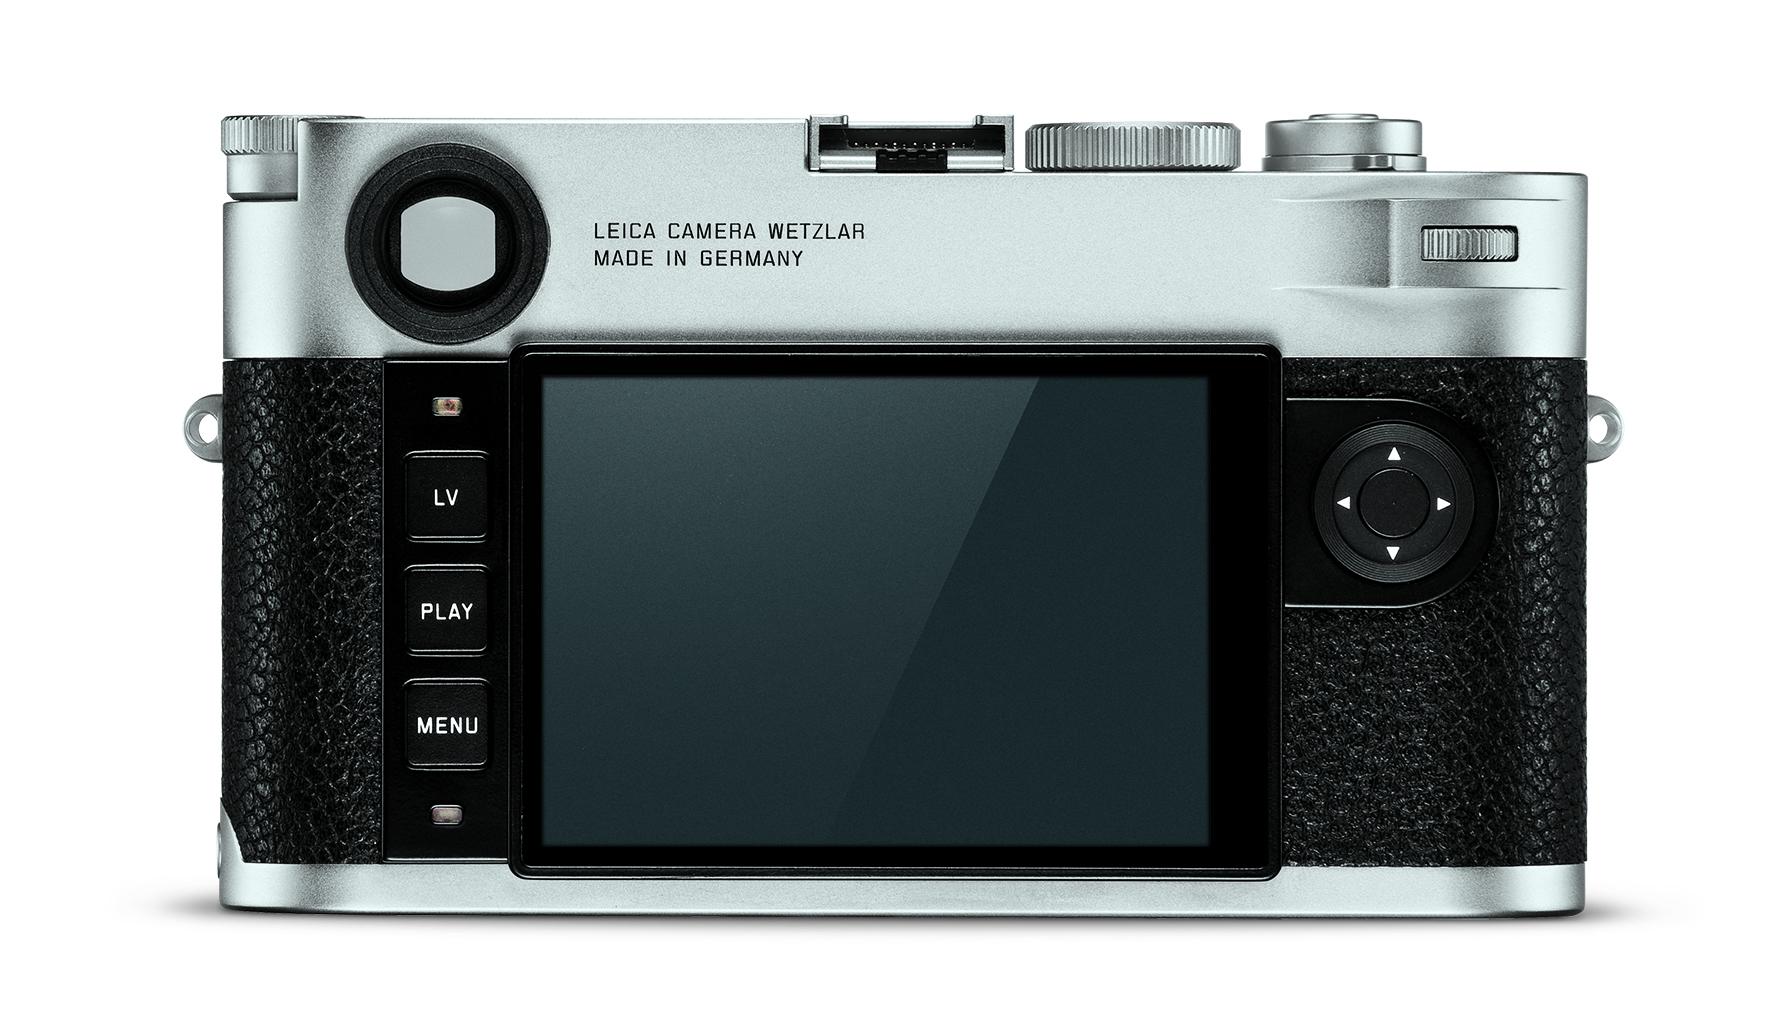 Leica Mit Entfernungsmesser : Neue leica m u kompakter schneller besser a pictures das